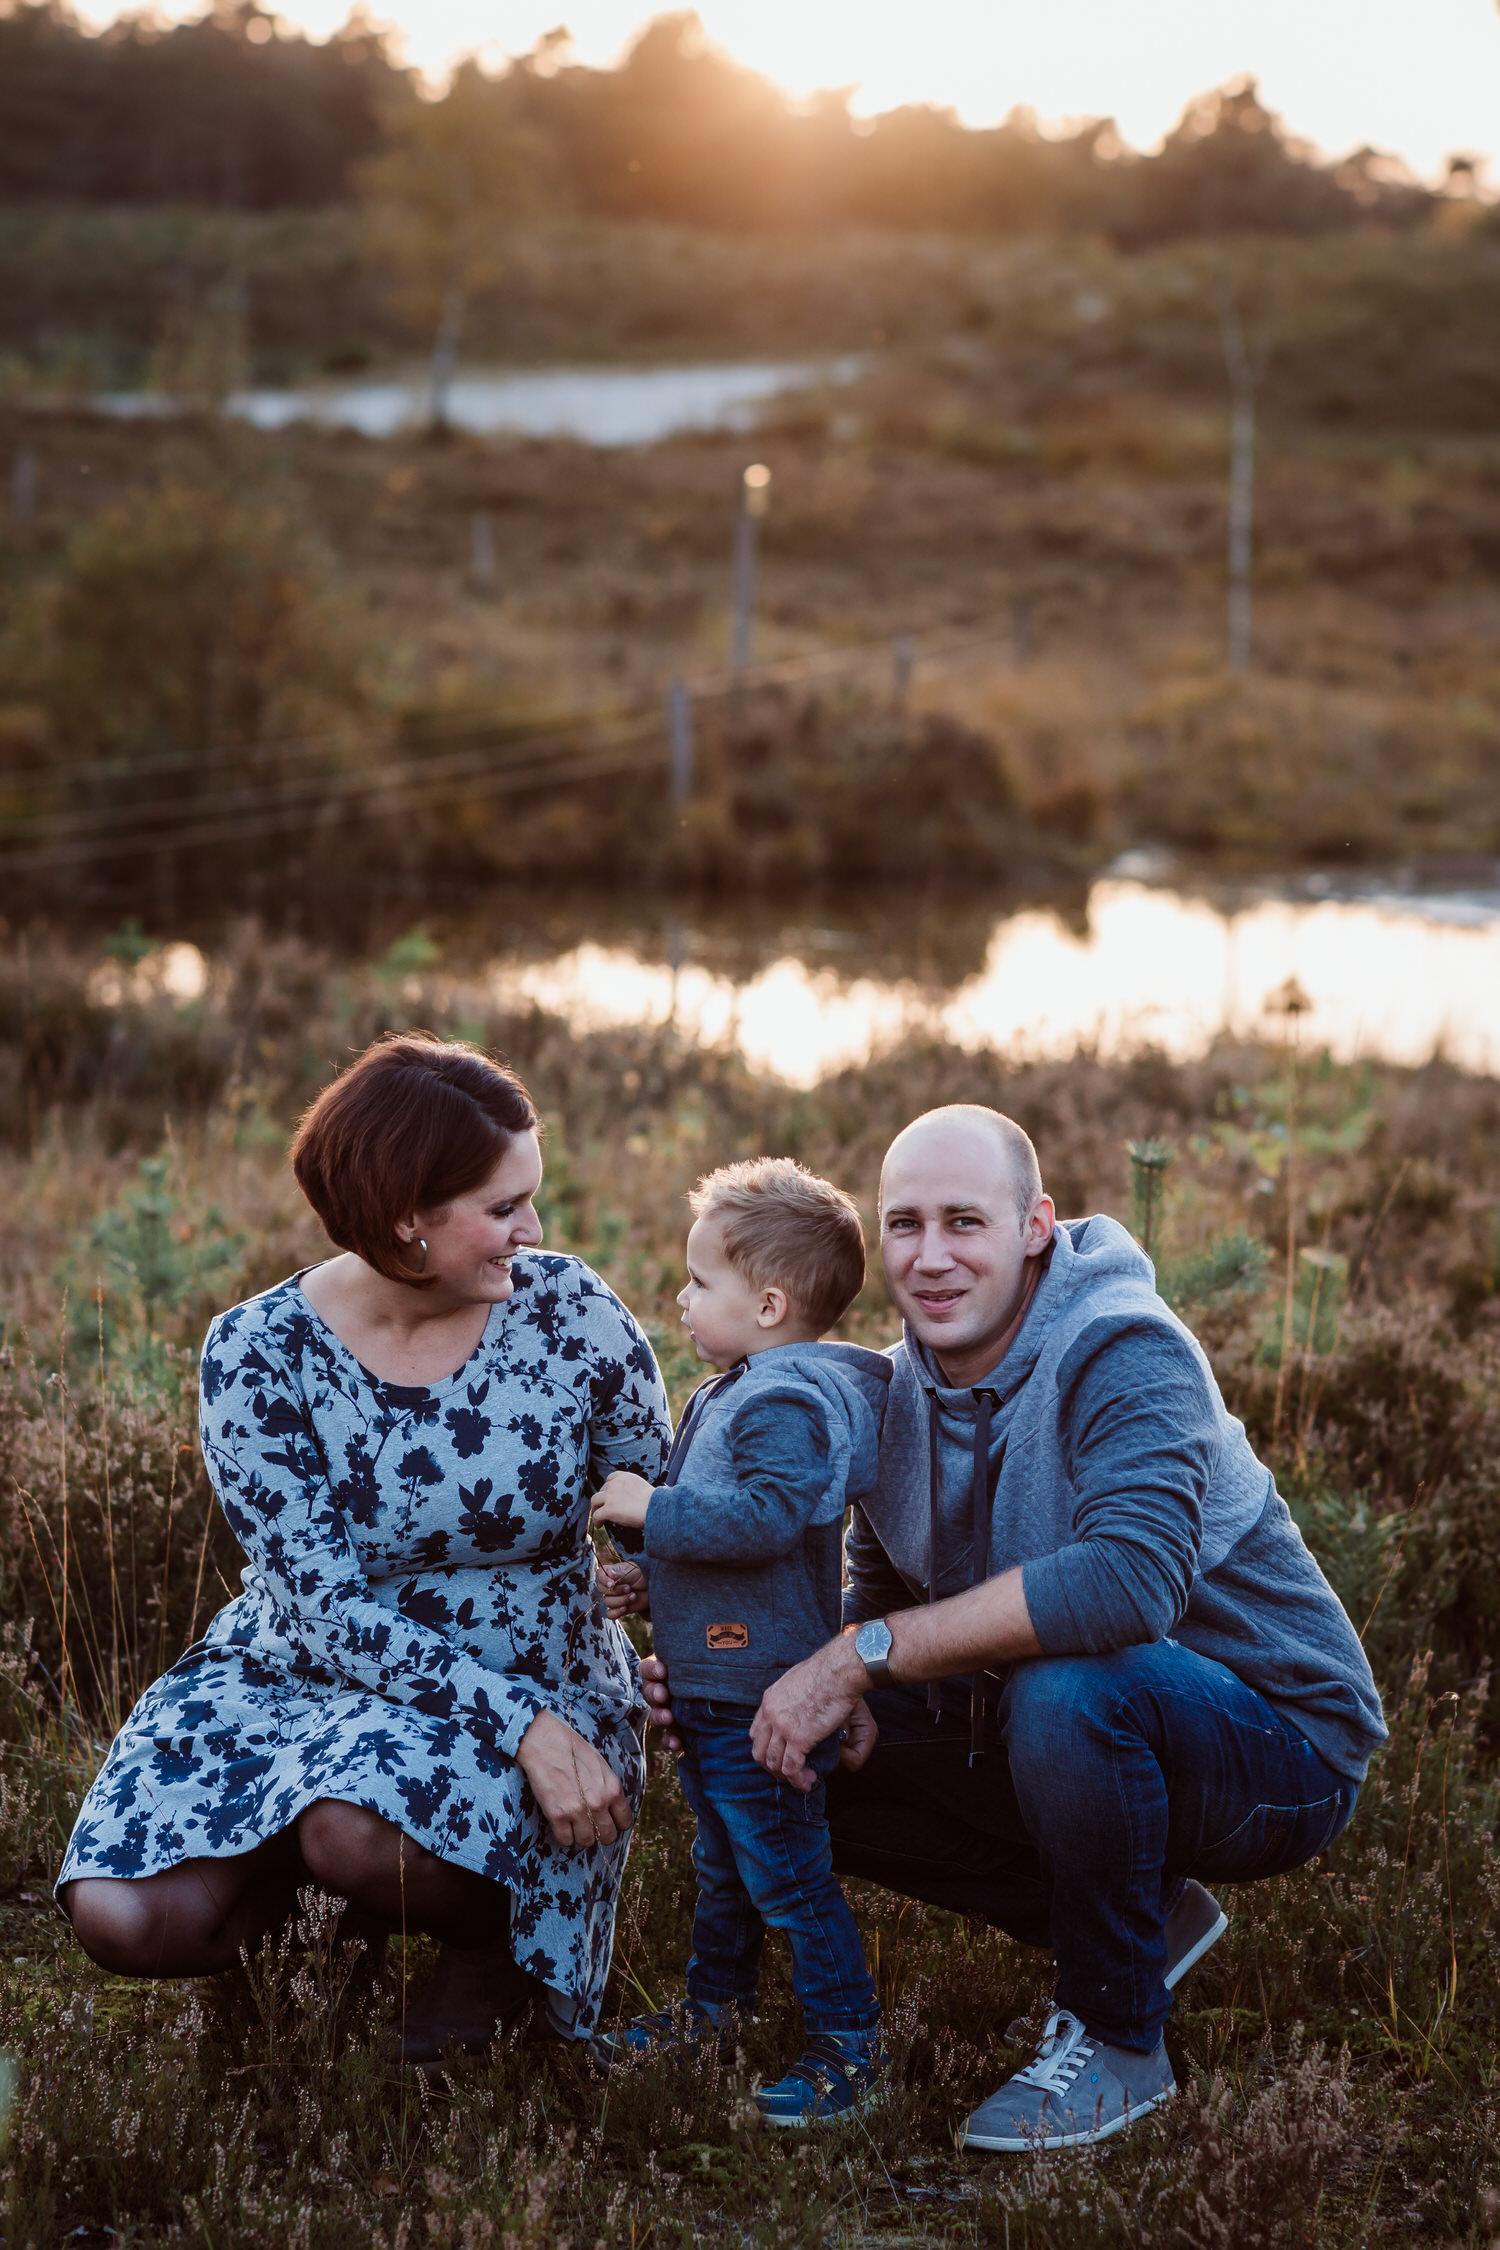 Familienfotografie im Abendlicht | Familienfotografie Aachen